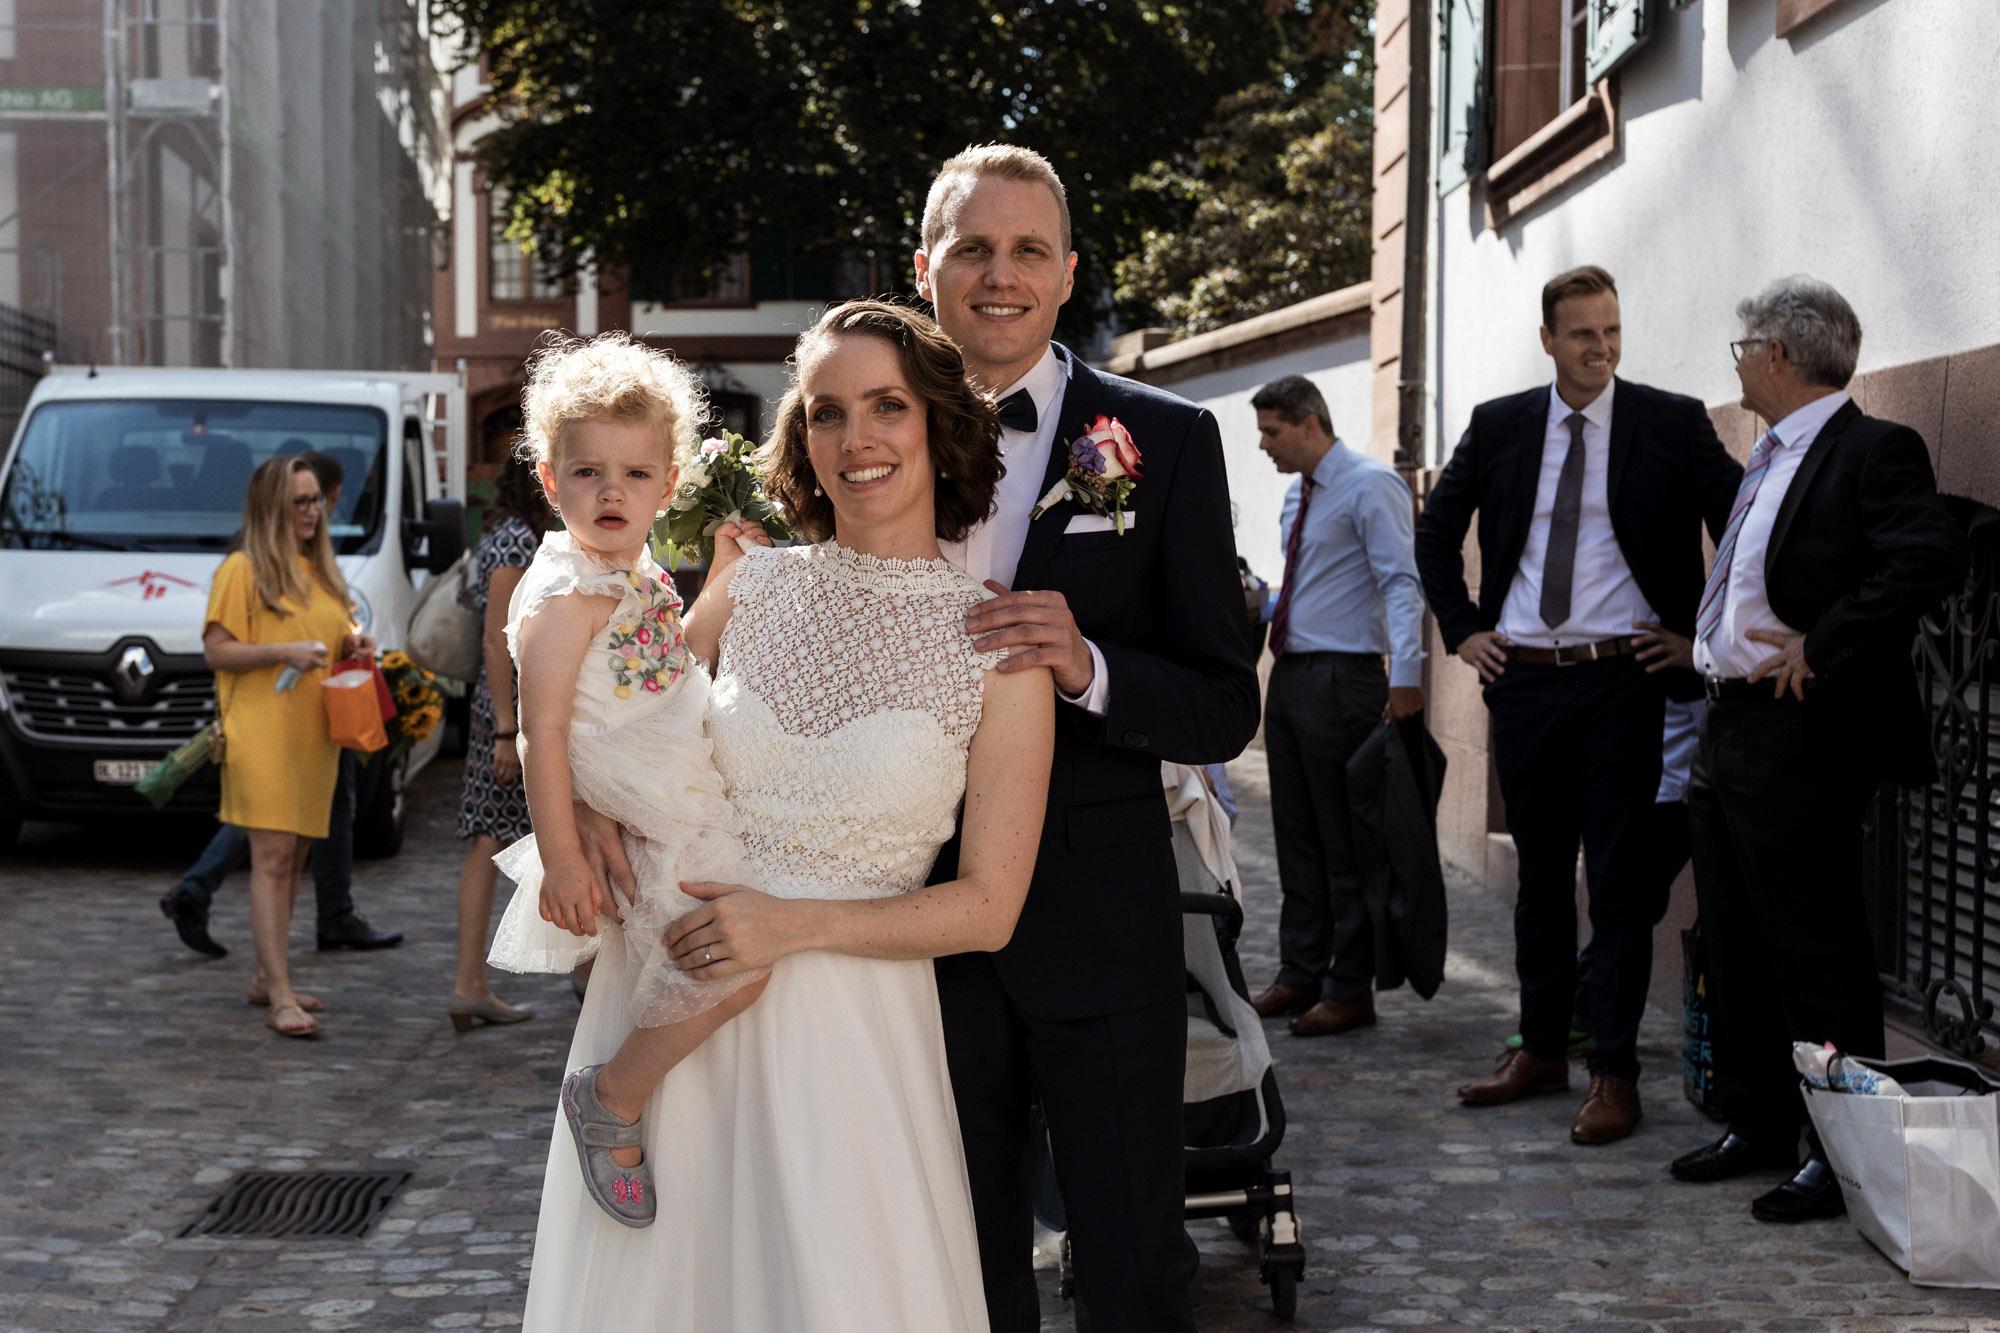 Das Brautpaar beim Zivilstandsamt Basel - Hochzeitsfotografen Basel